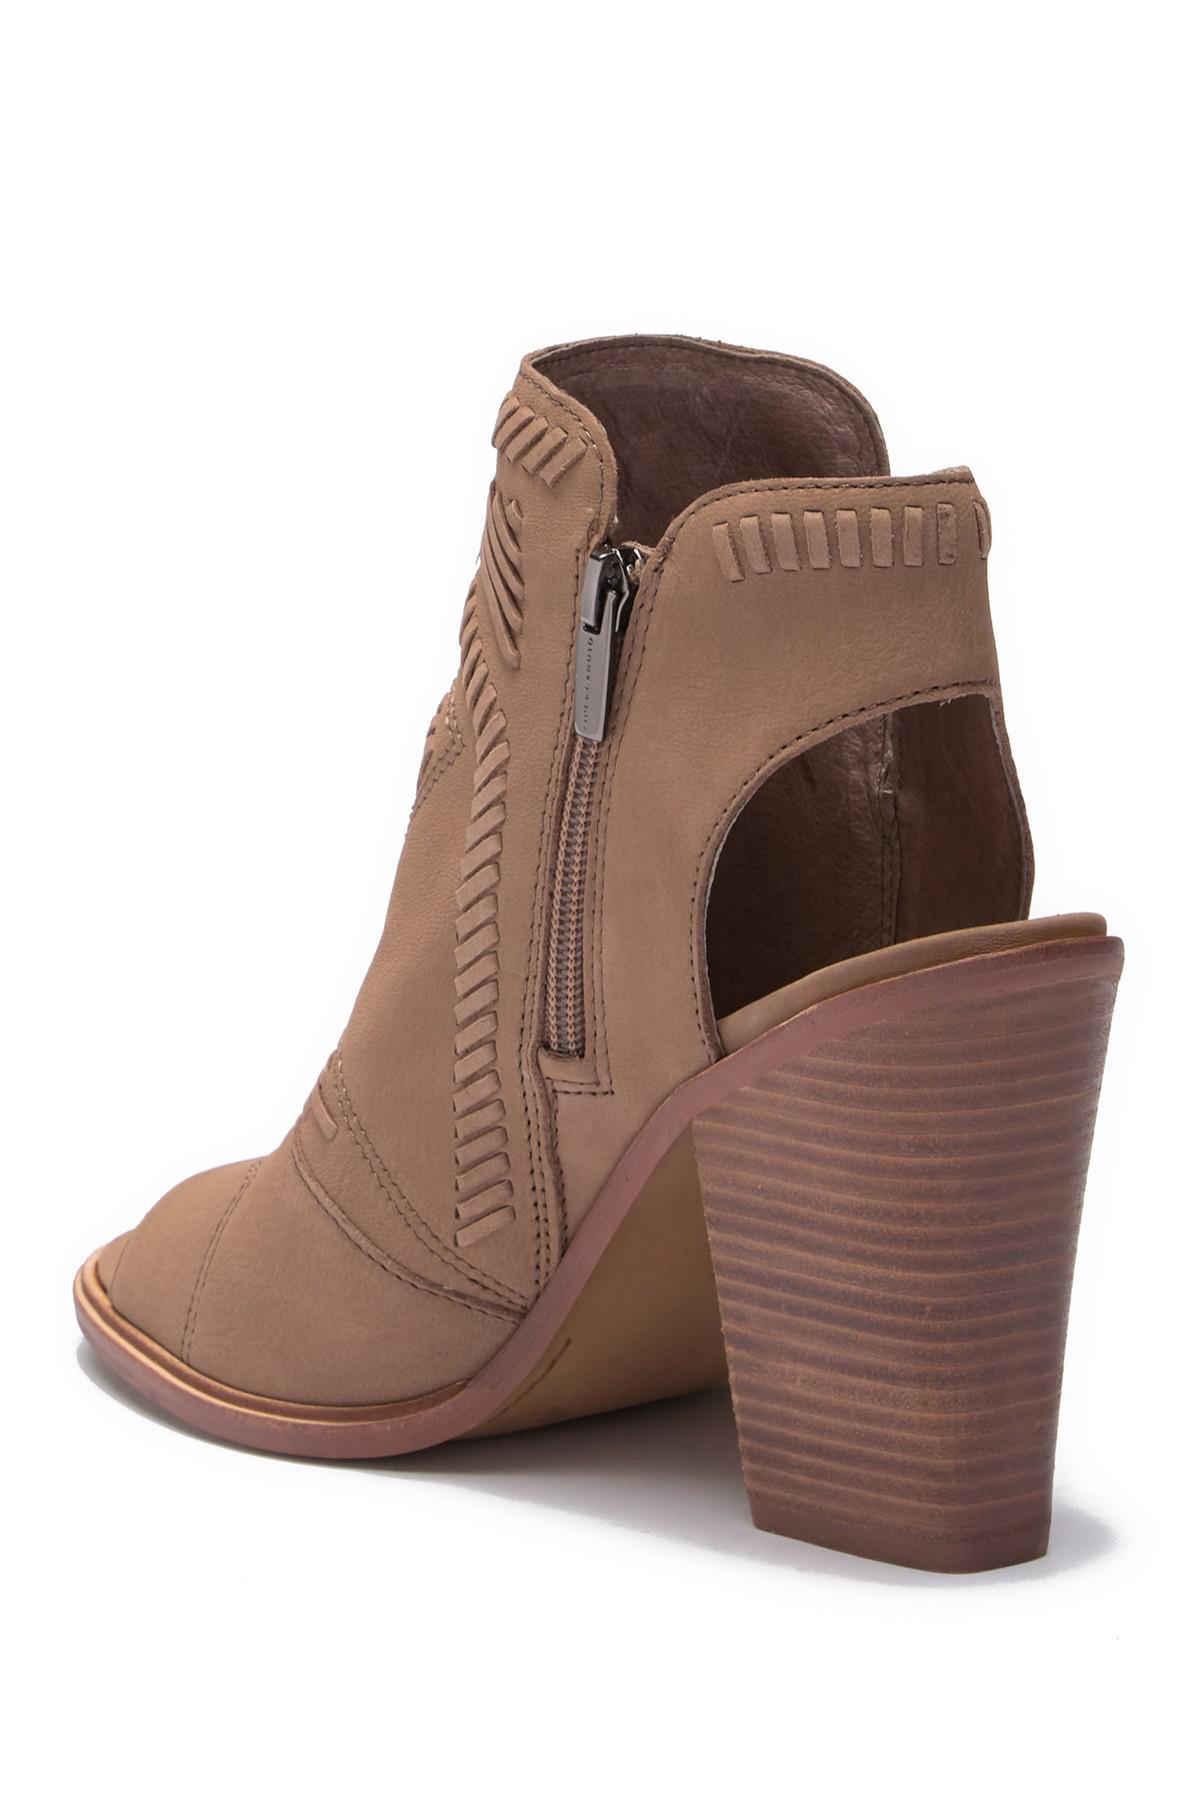 cd0fc6d347 Vince Camuto Karinta Block Heel Bootie (women) in Brown - Lyst